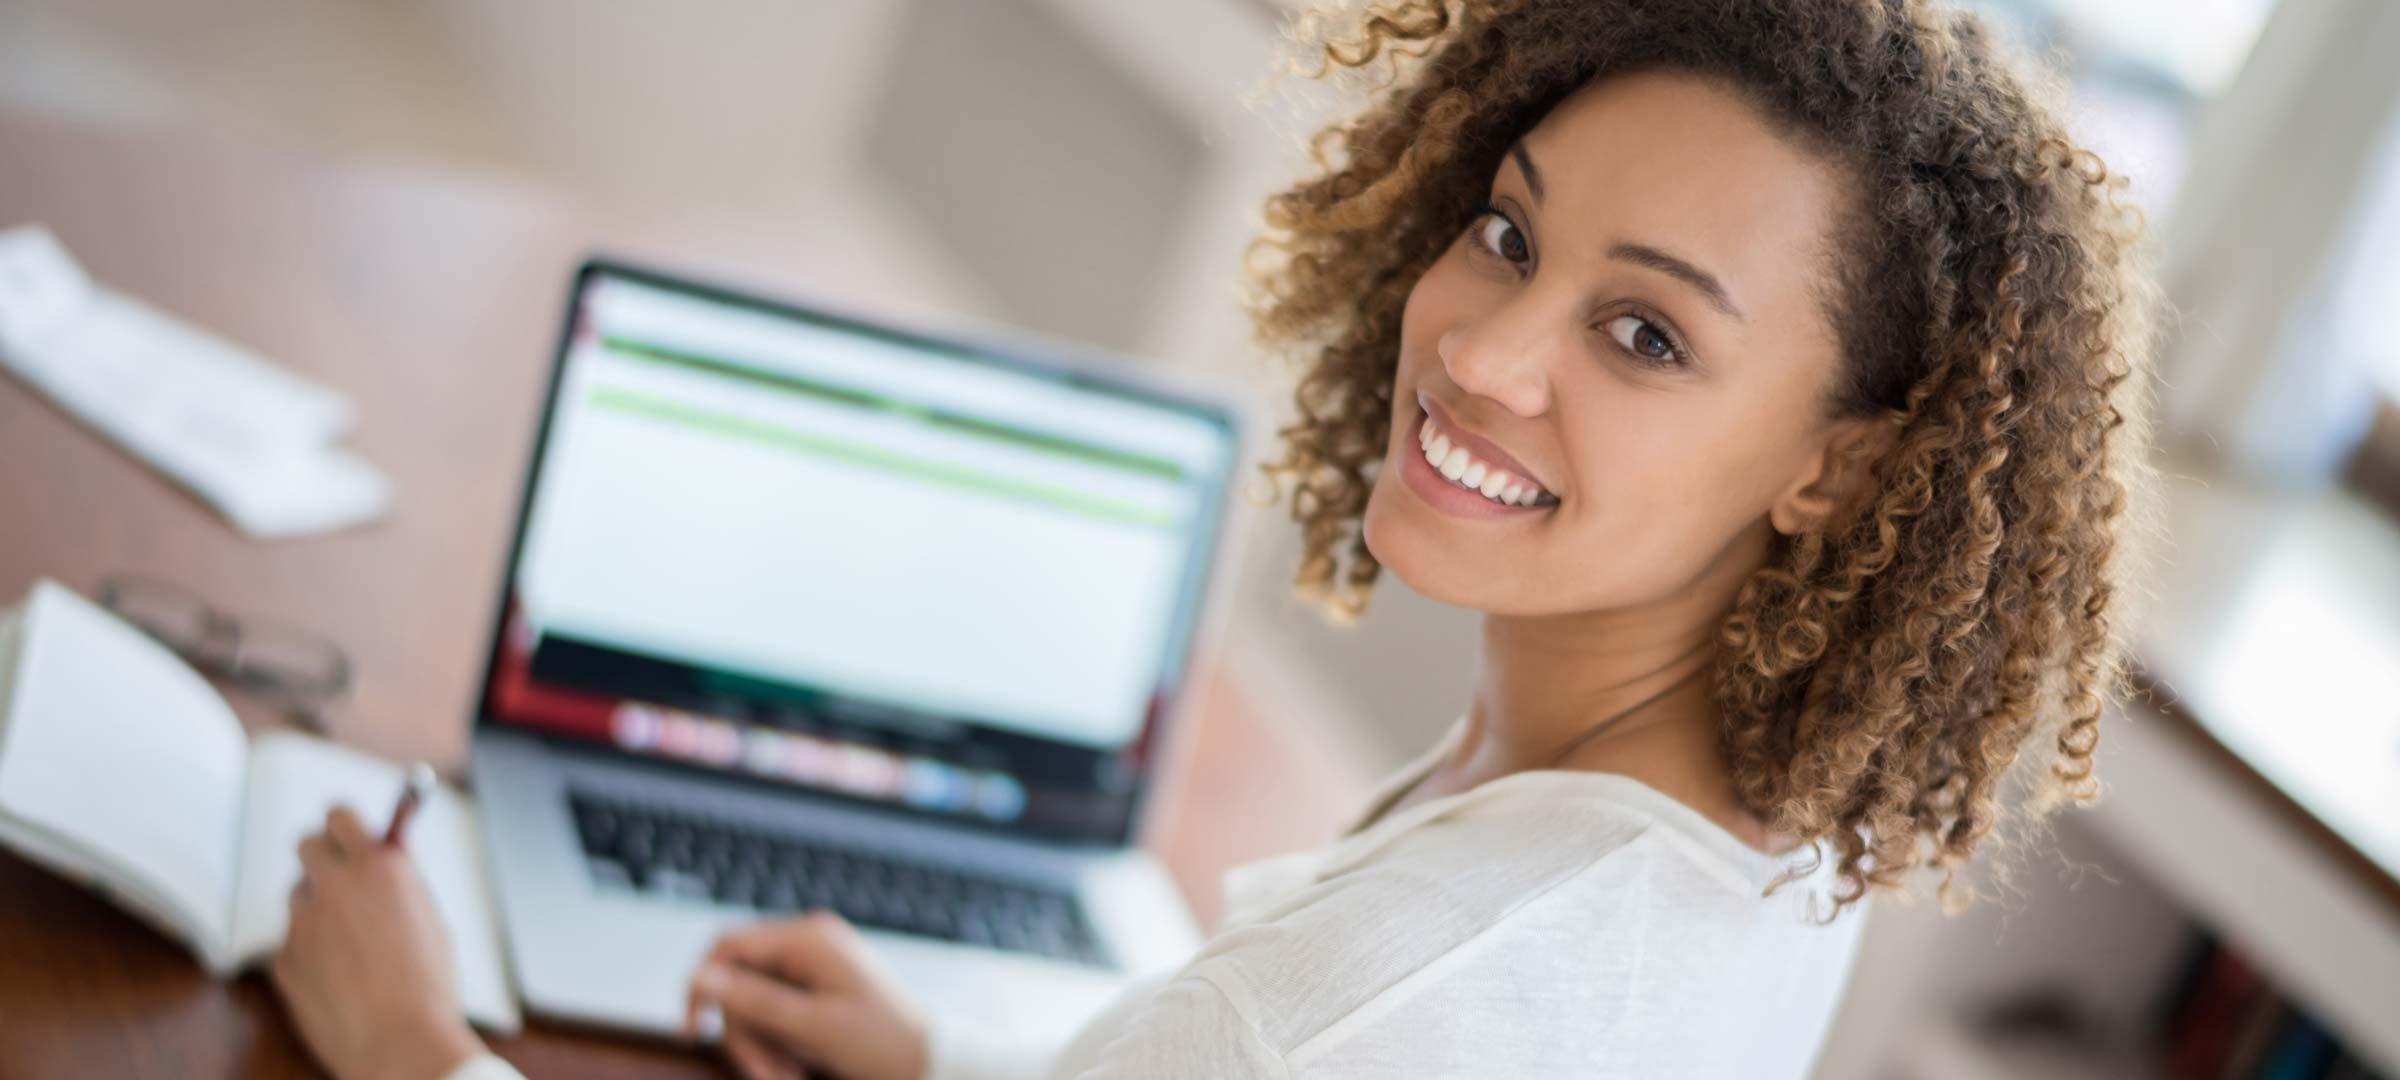 Titelbild: Studentin recherchiert im Internet für ihre Hausarbeit